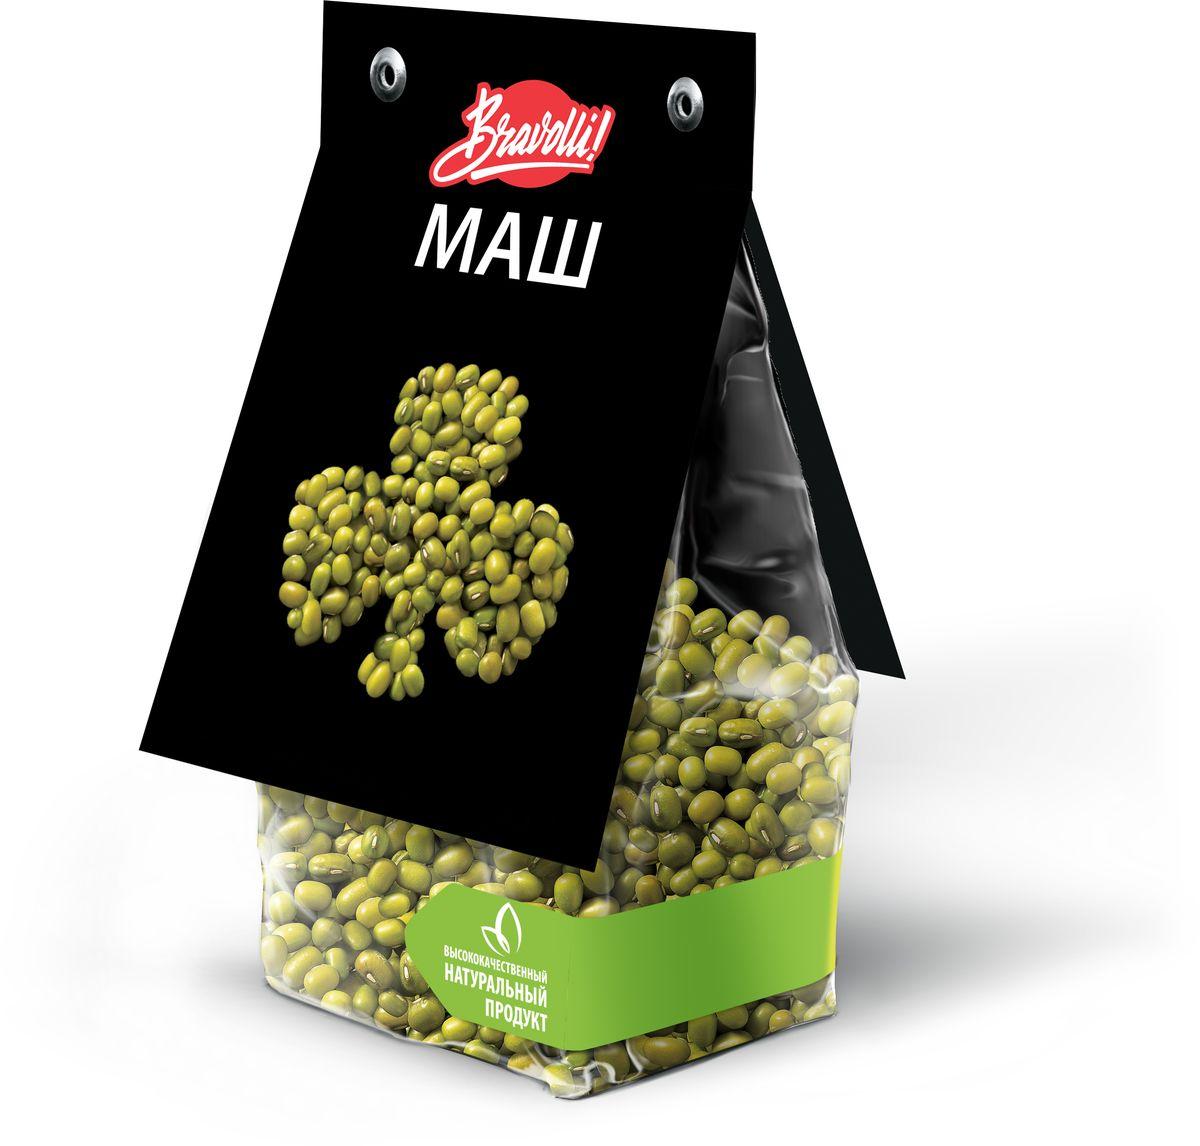 Bravolli Маш, 350 г цена